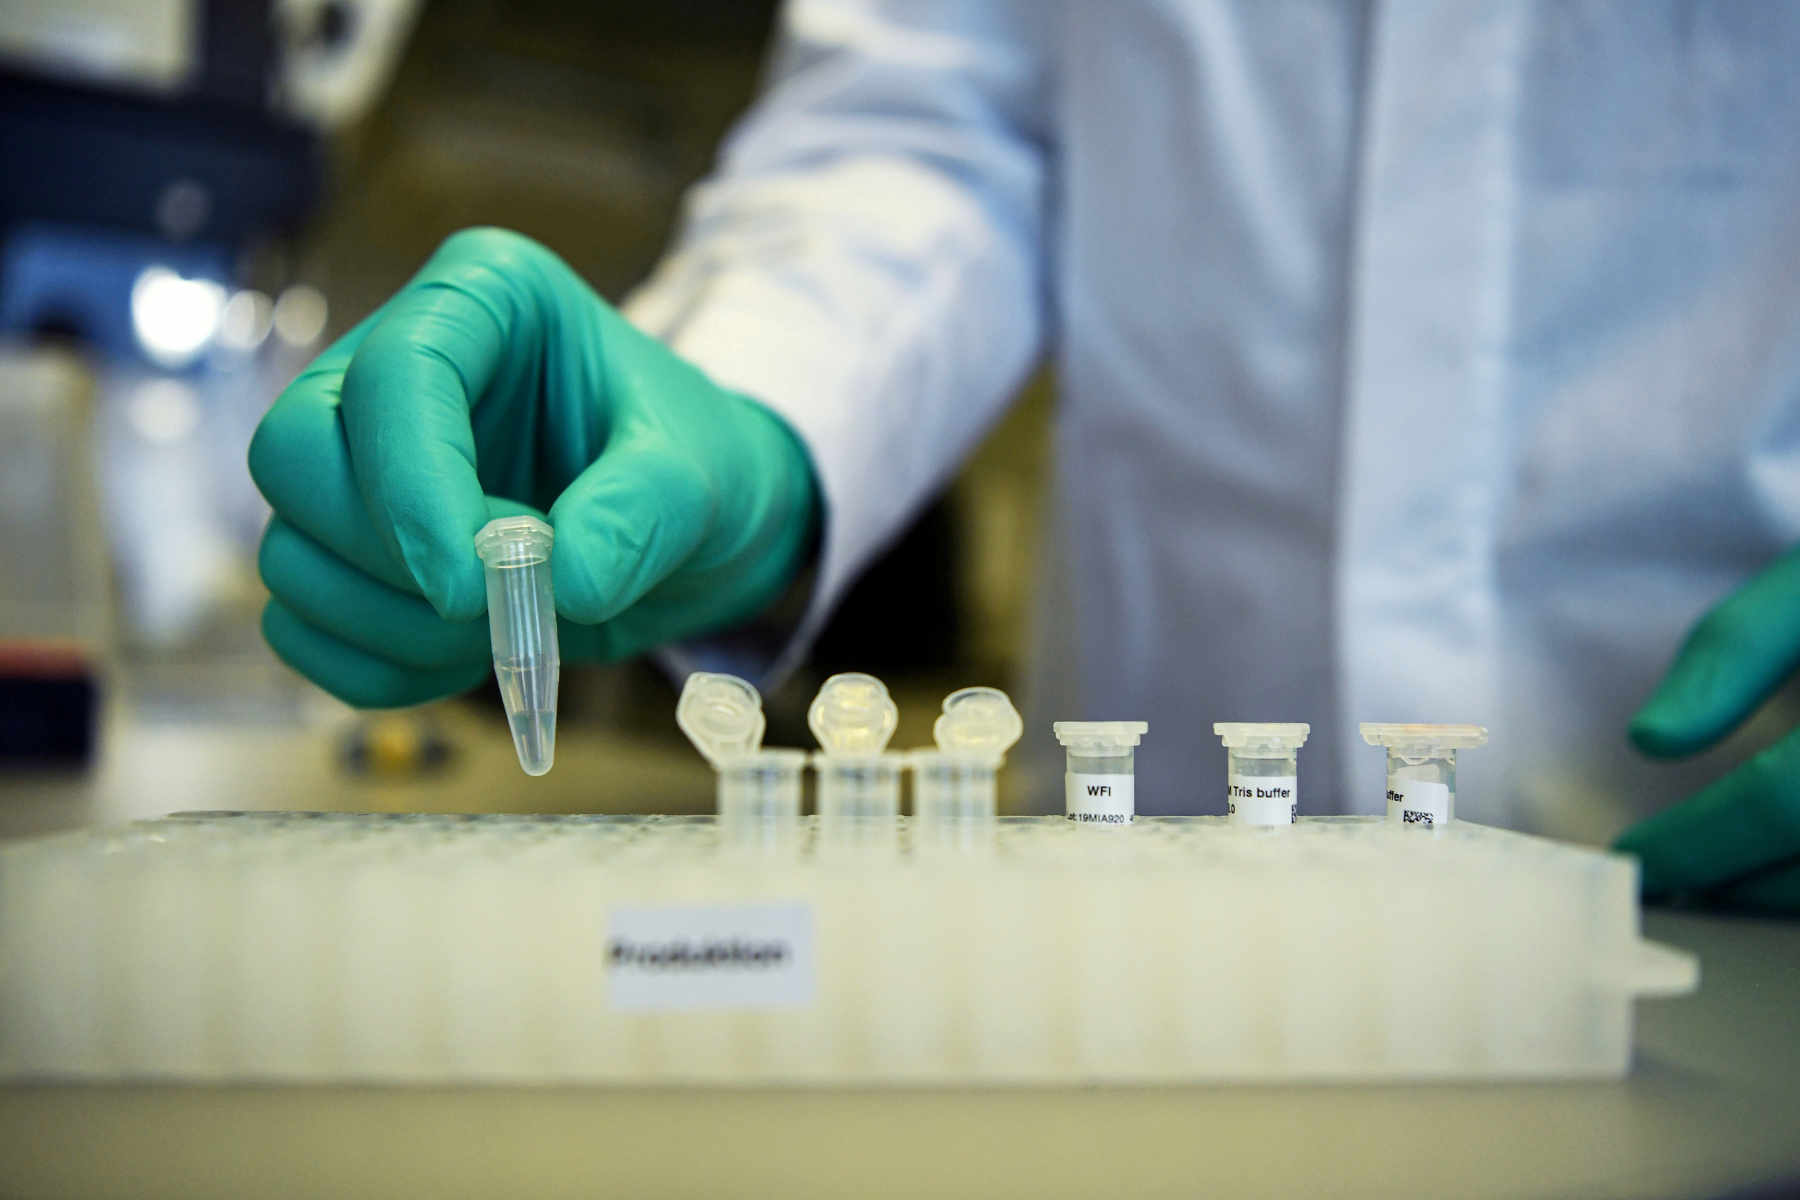 Κορονοϊός: Ψωνίζει και από την CureVac η ΕΕ - Ενέκρινε συμφωνία για αγορά εμβολίων